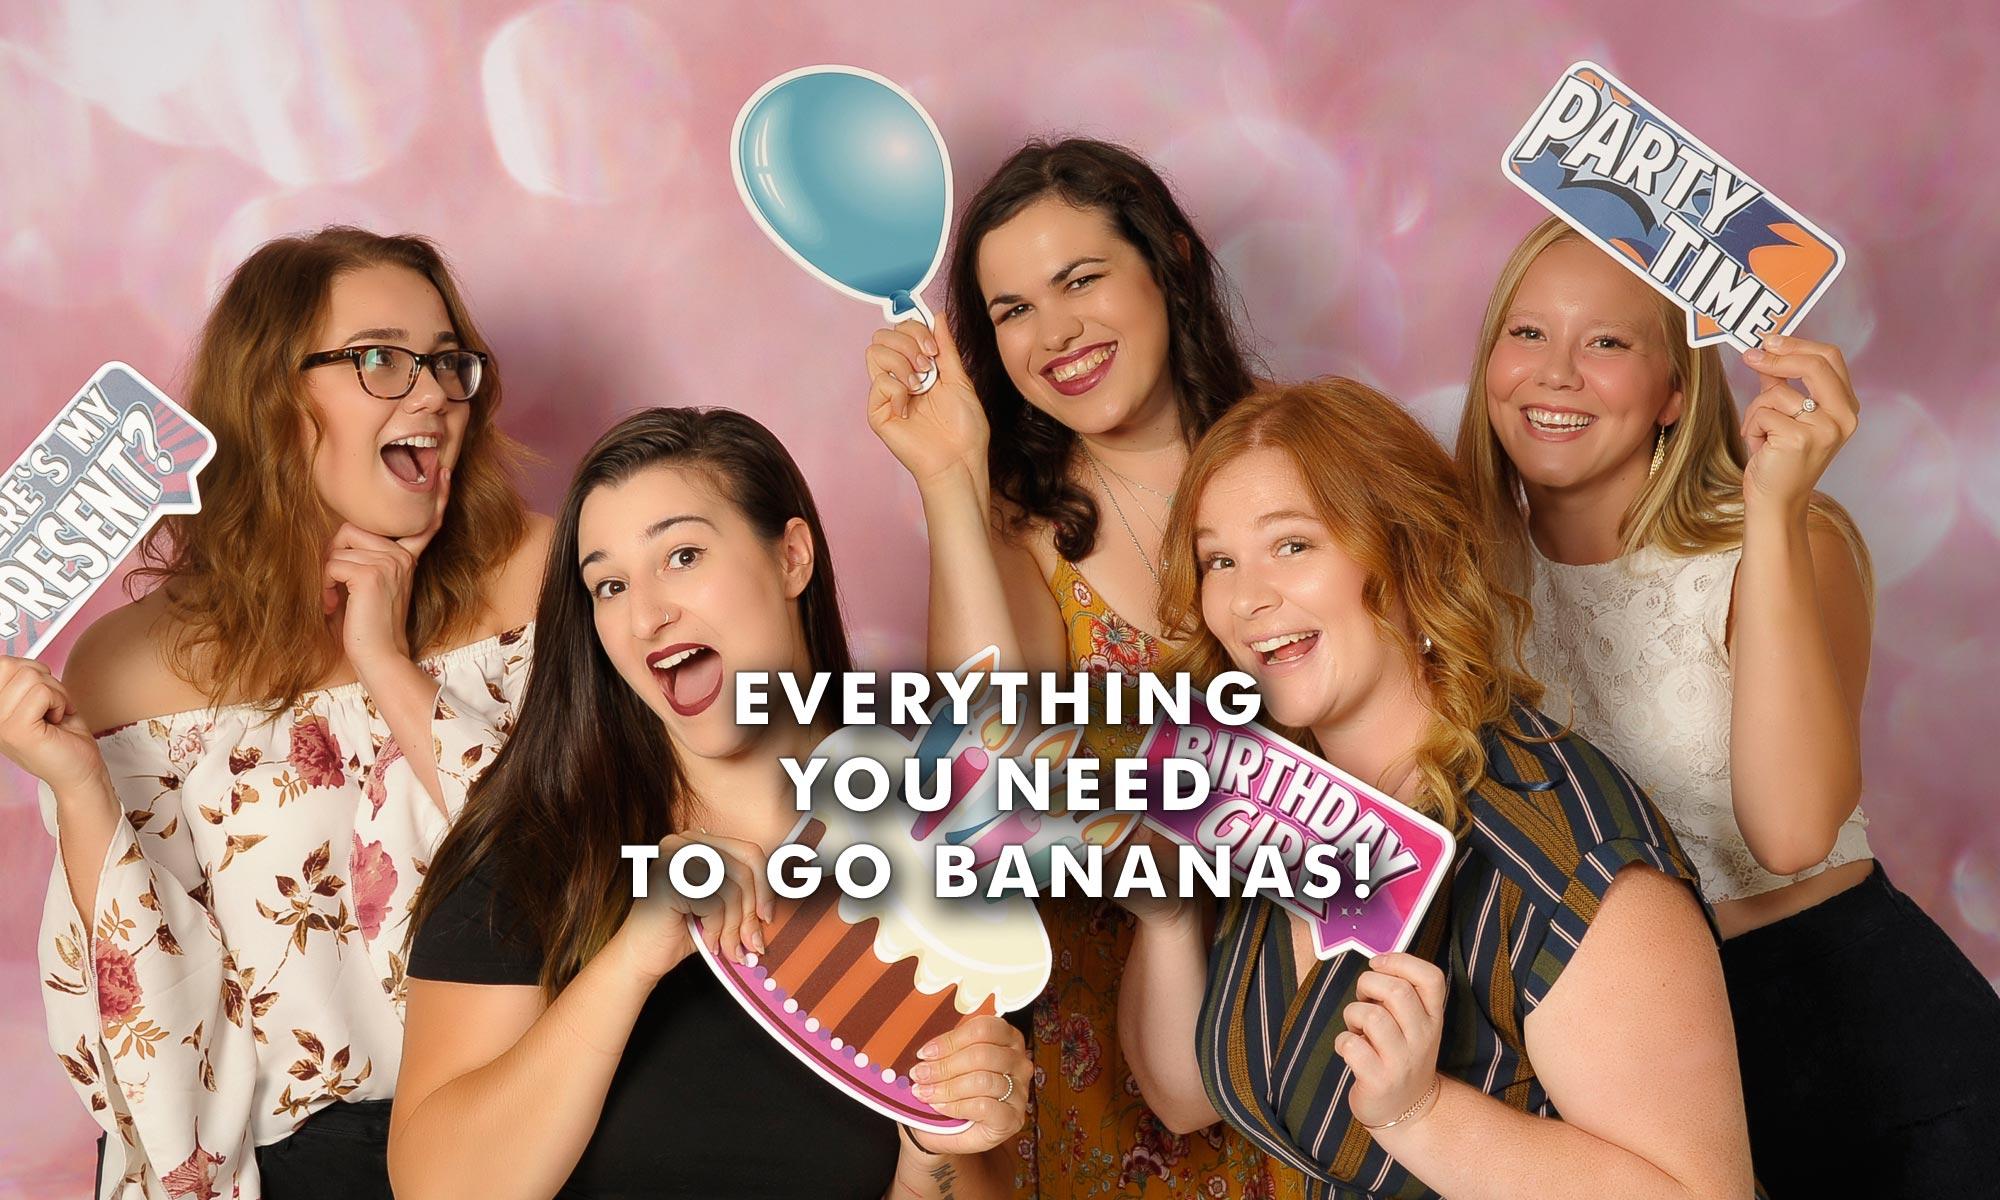 Photomonkey - Everything You Need to Go Bananas